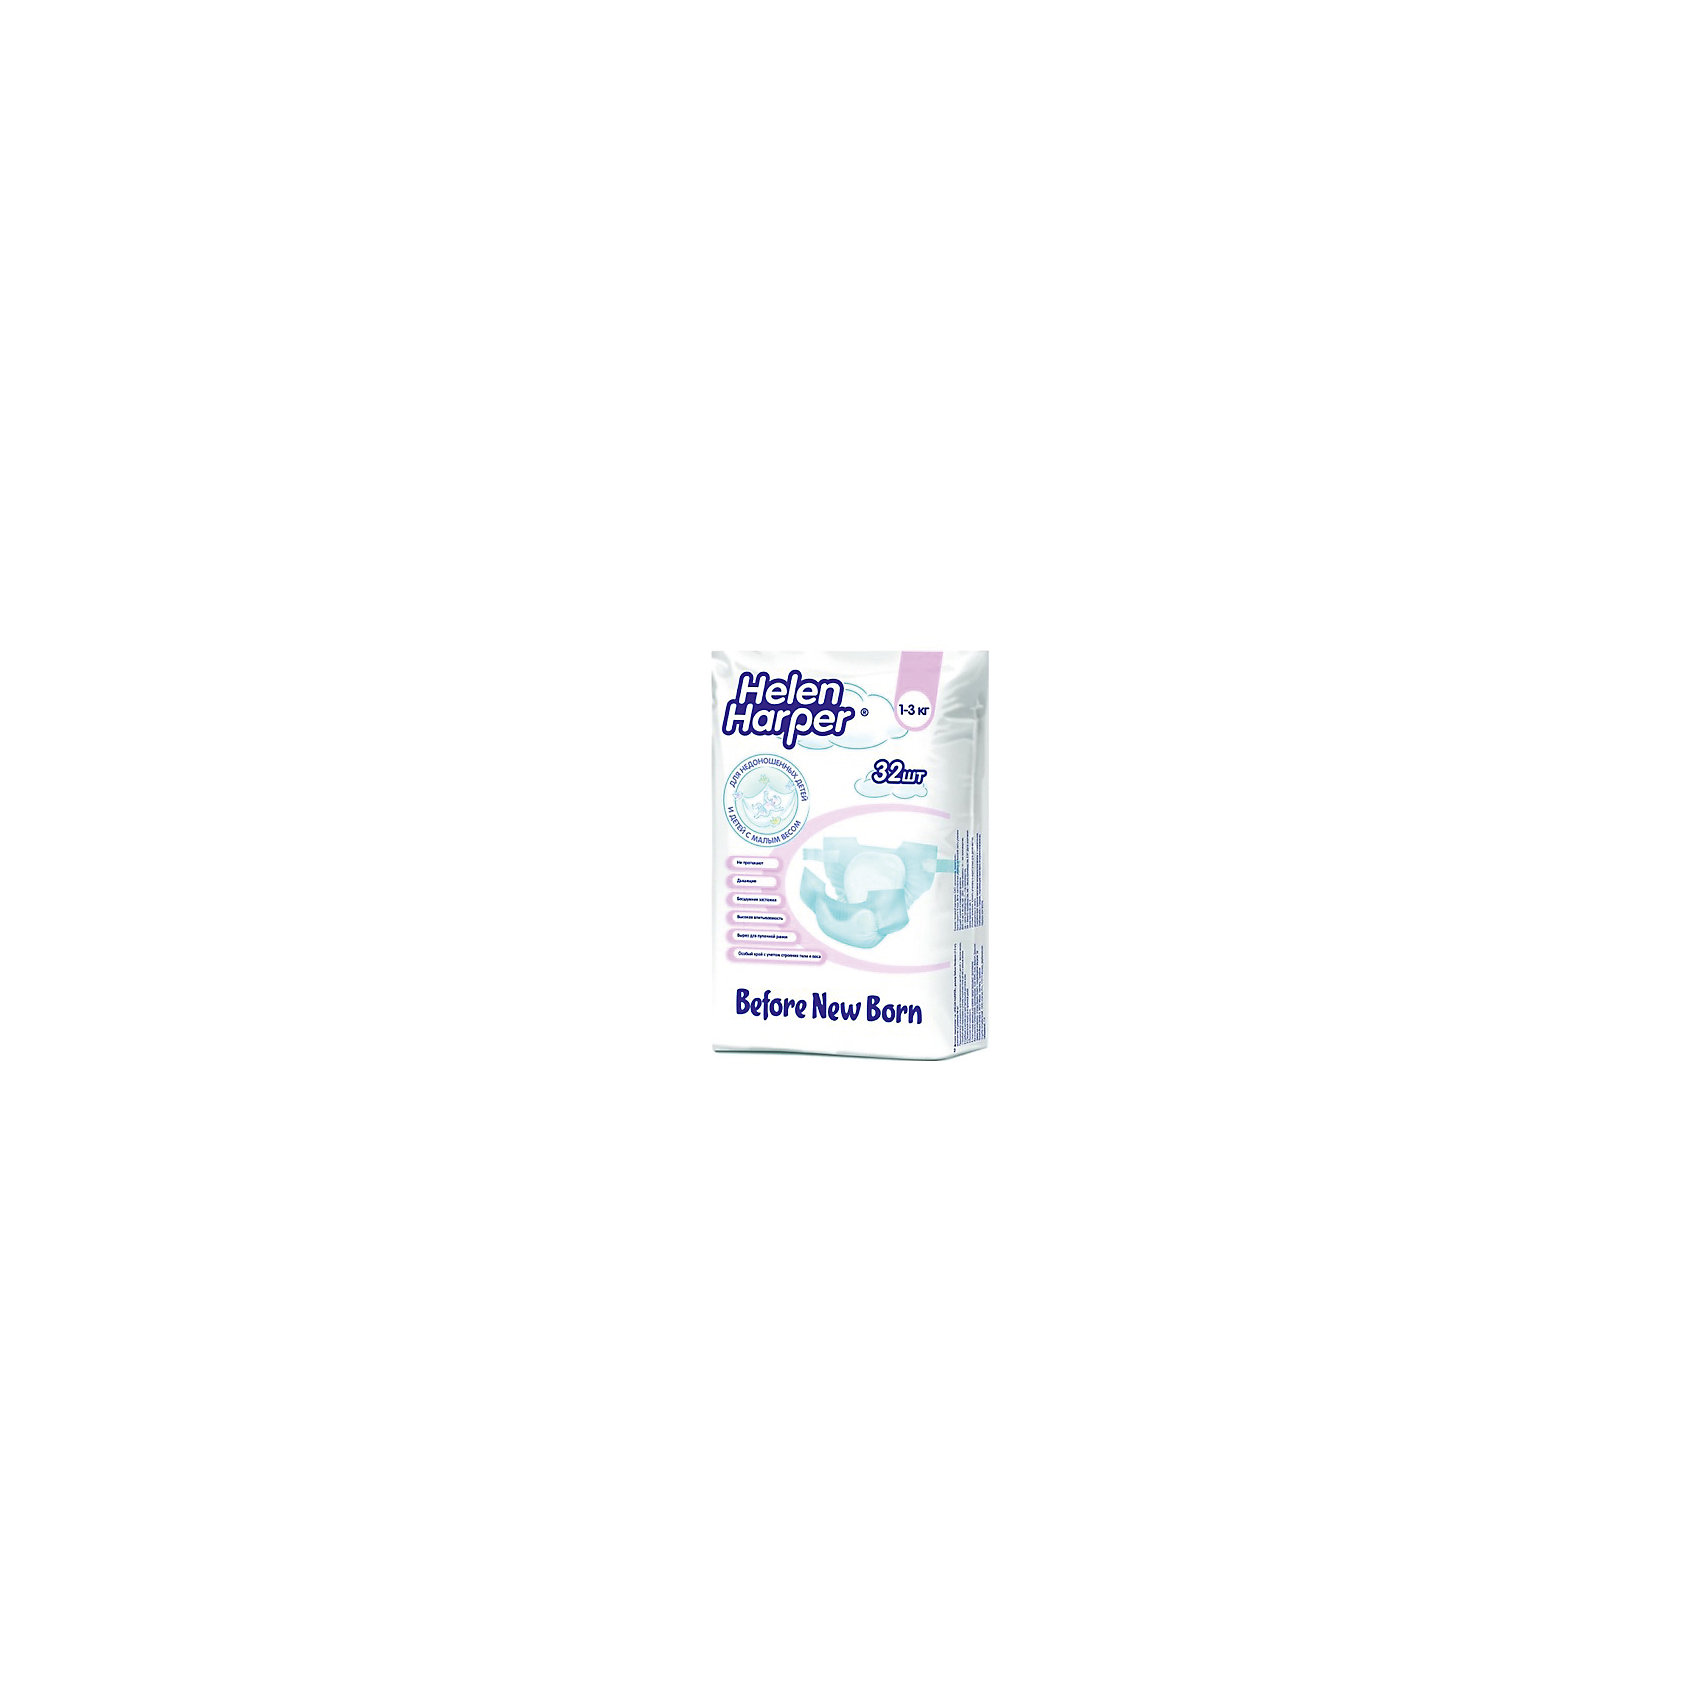 Helen Harper Подгузники  для новорожденных и  недоношенных Before Newborn 1-3 кг. (32 шт.) helen harper подгузники newborn 2 5 кг 24 шт